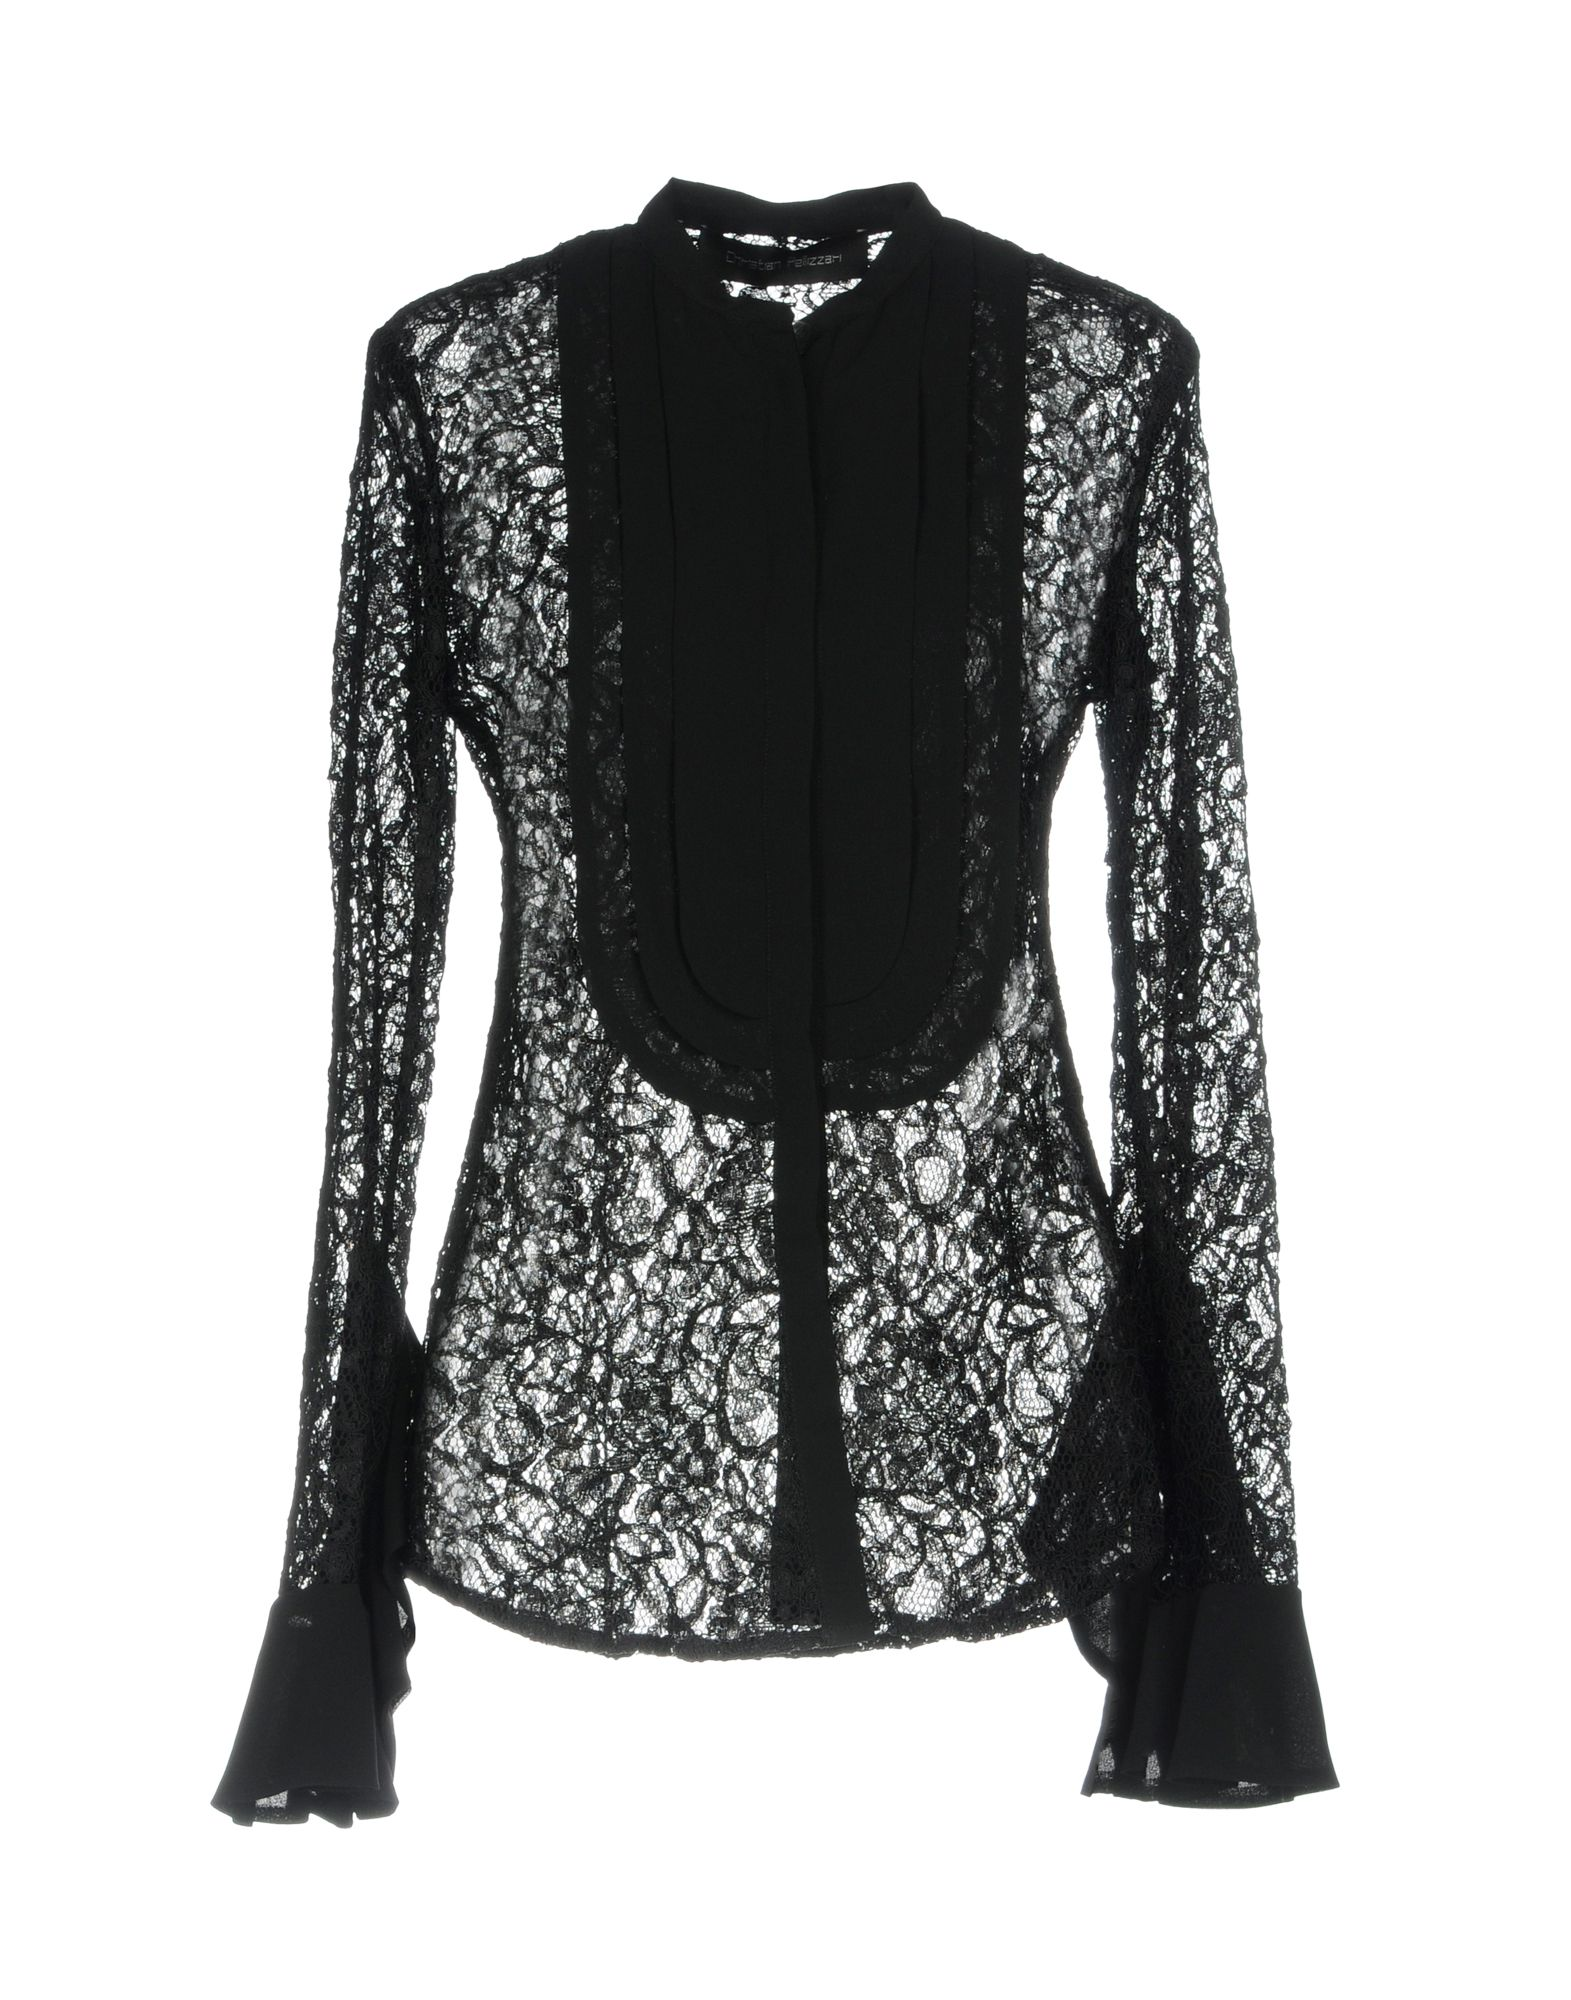 Camicie E Bluse In Pizzo Christian Pellizzari Donna - Acquista online su kqfJ6s